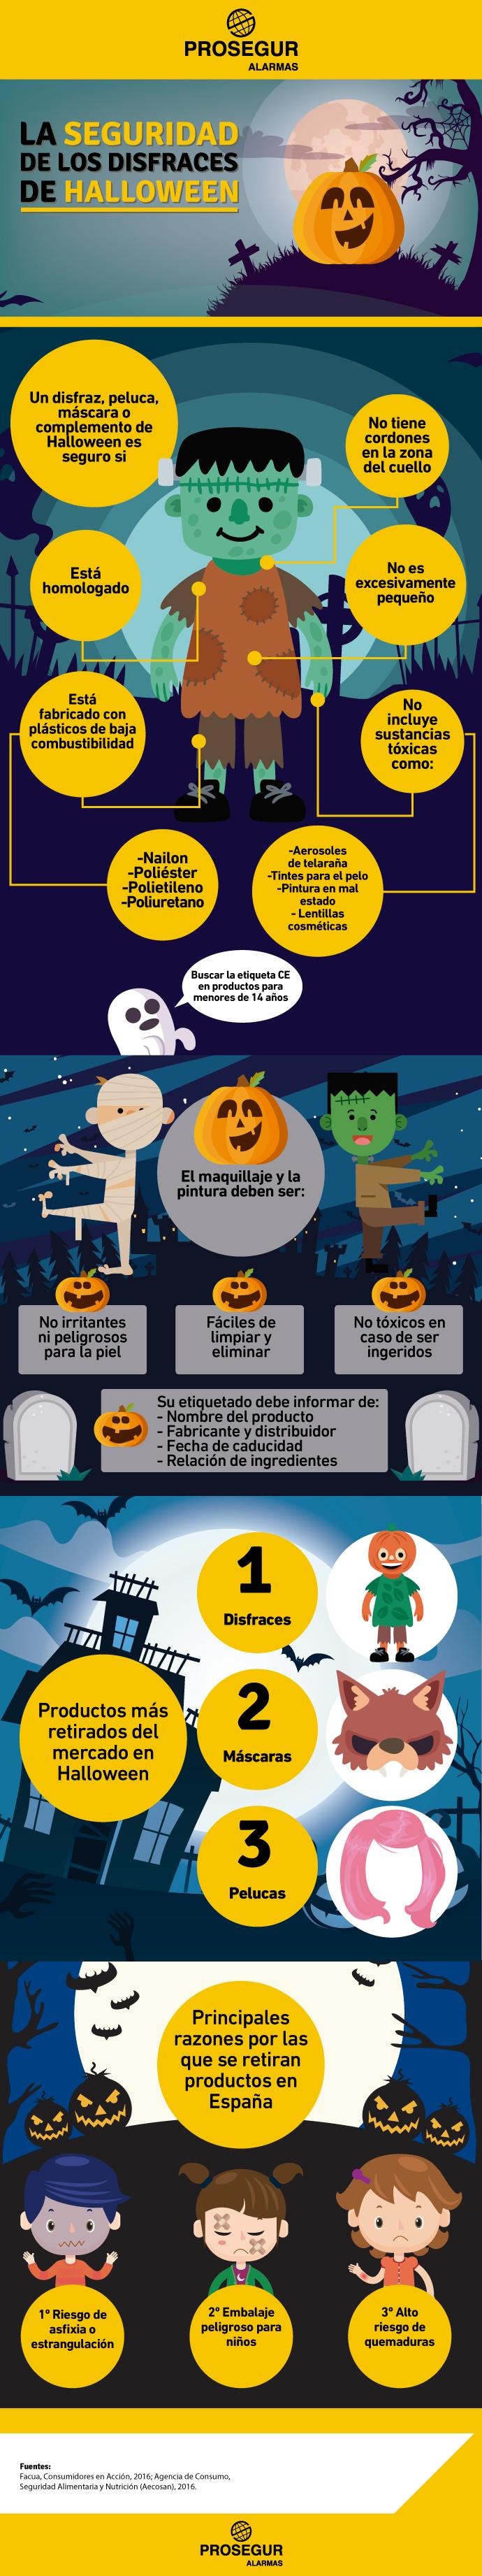 Trucos y consejos de seguridad para los disfraces de halloween - Blog Prosegur